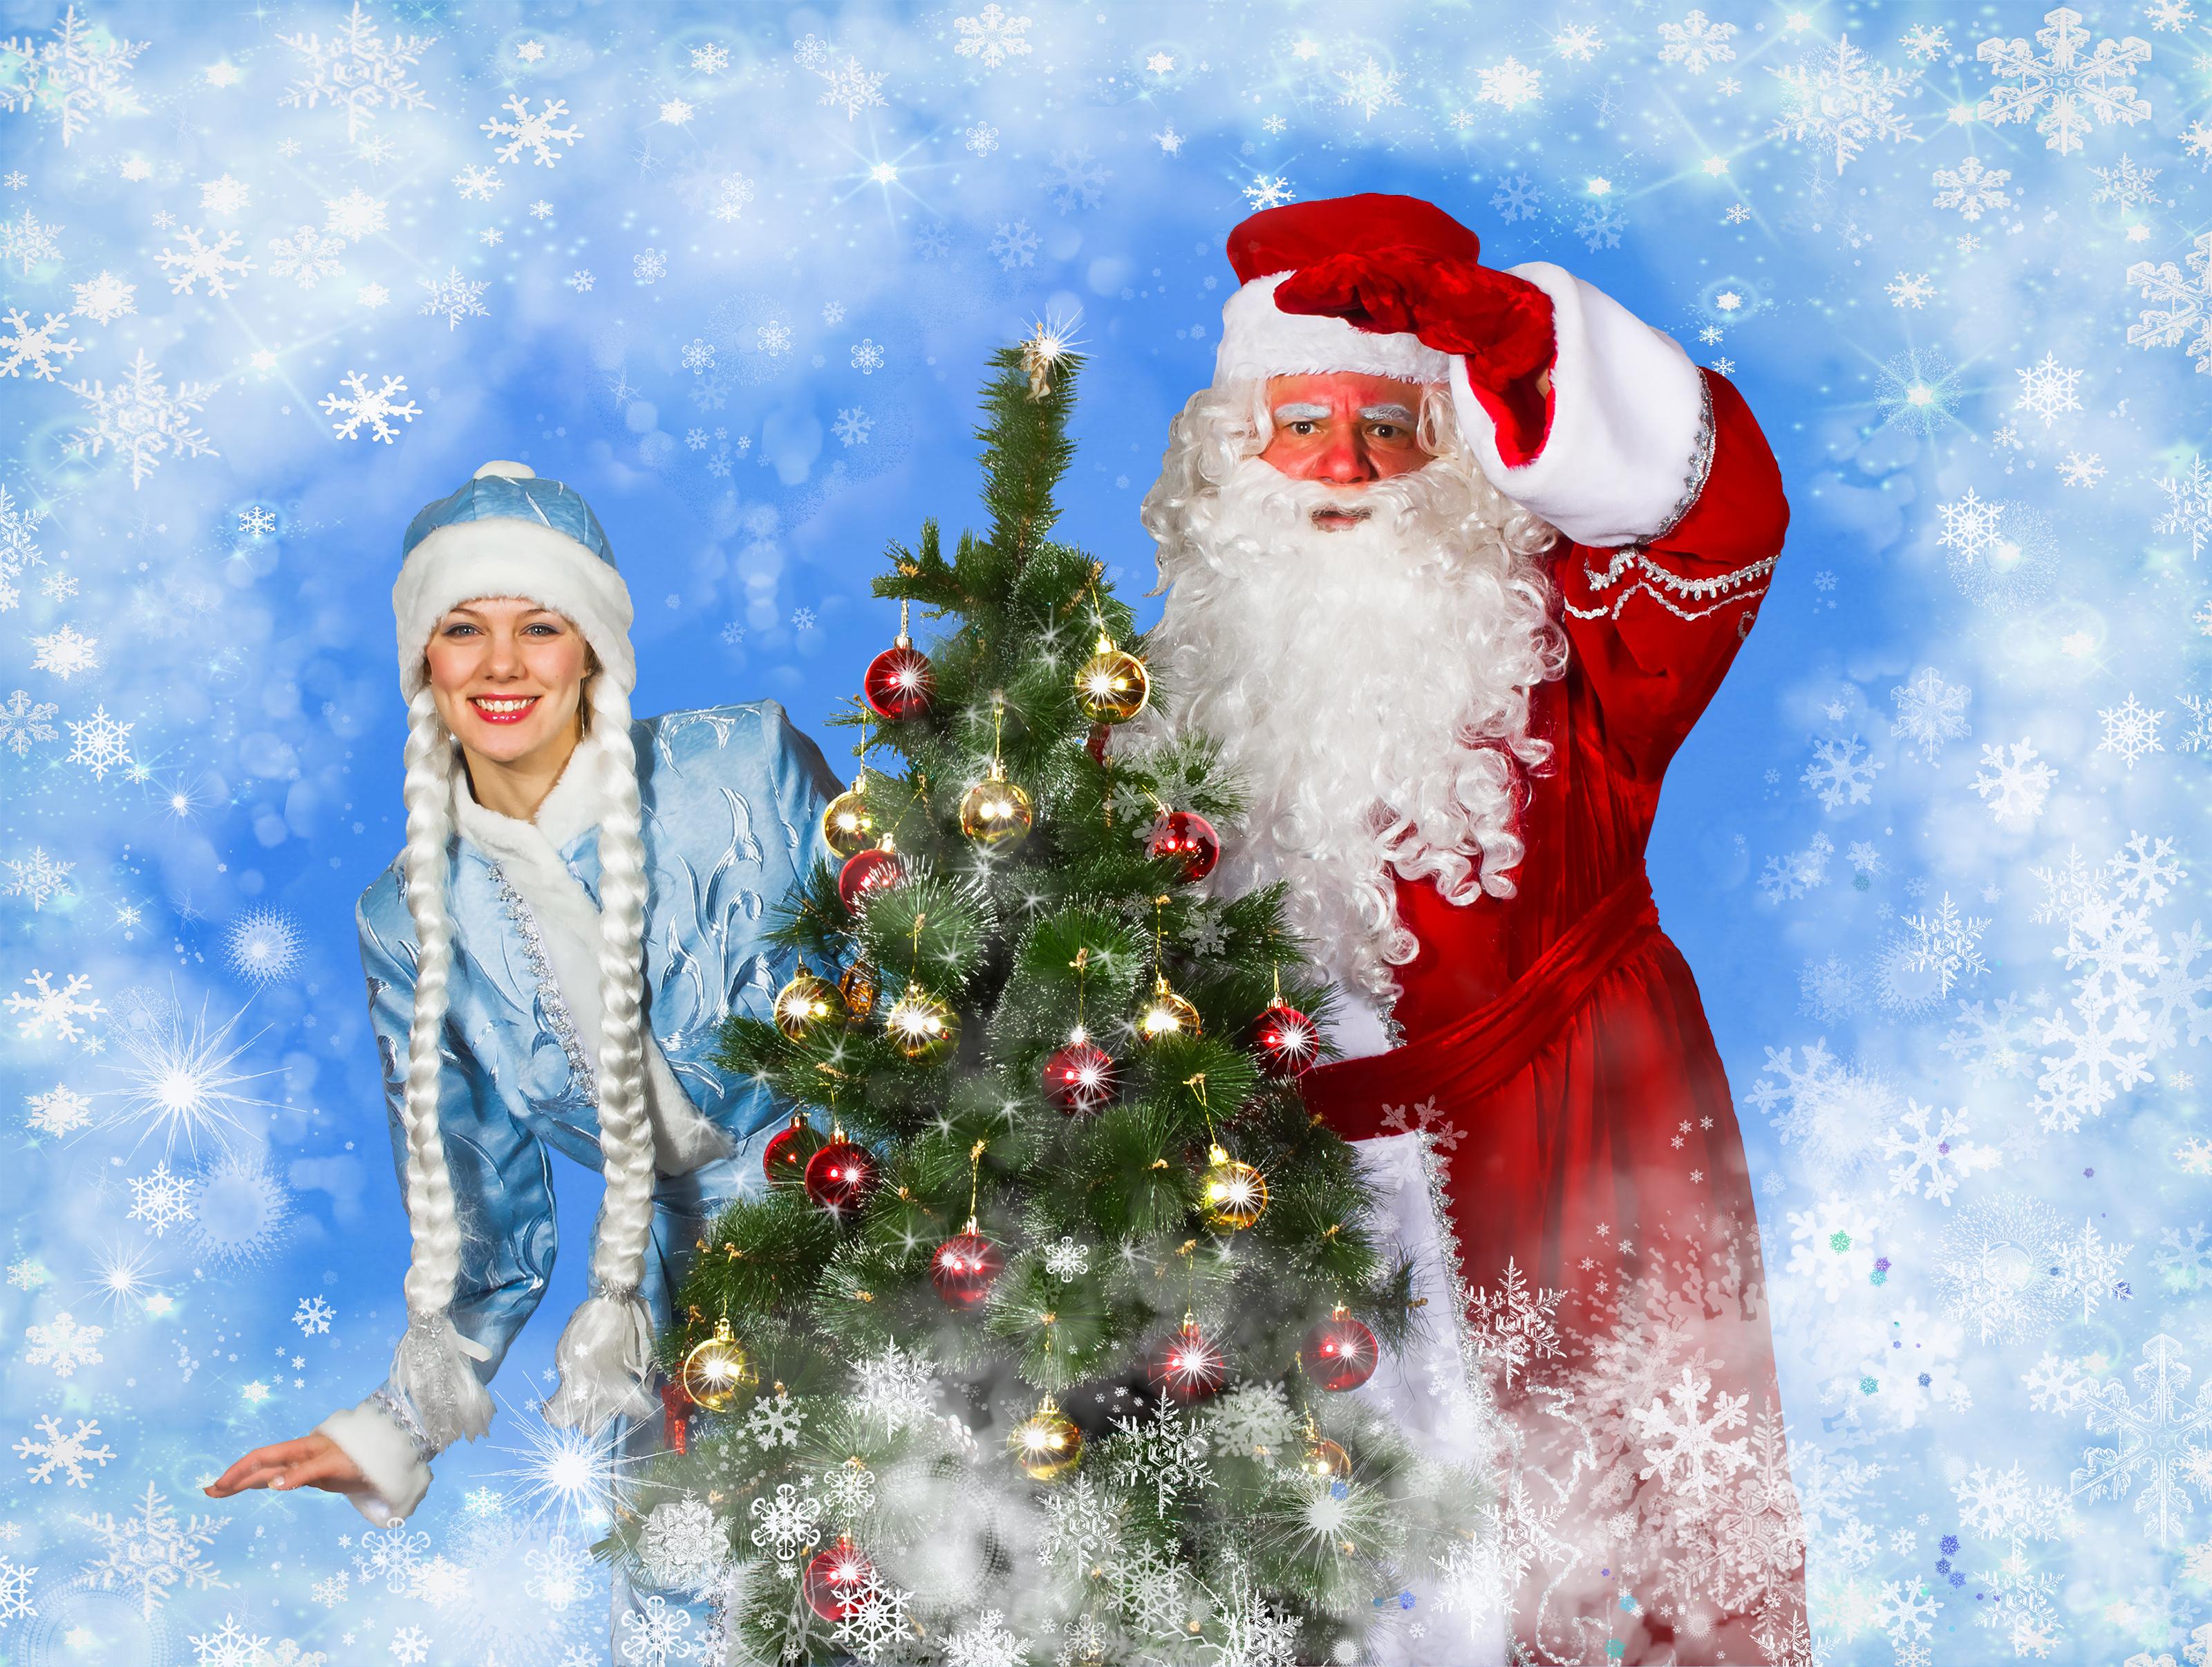 Картинка на новый год снегурочка и дед мороз